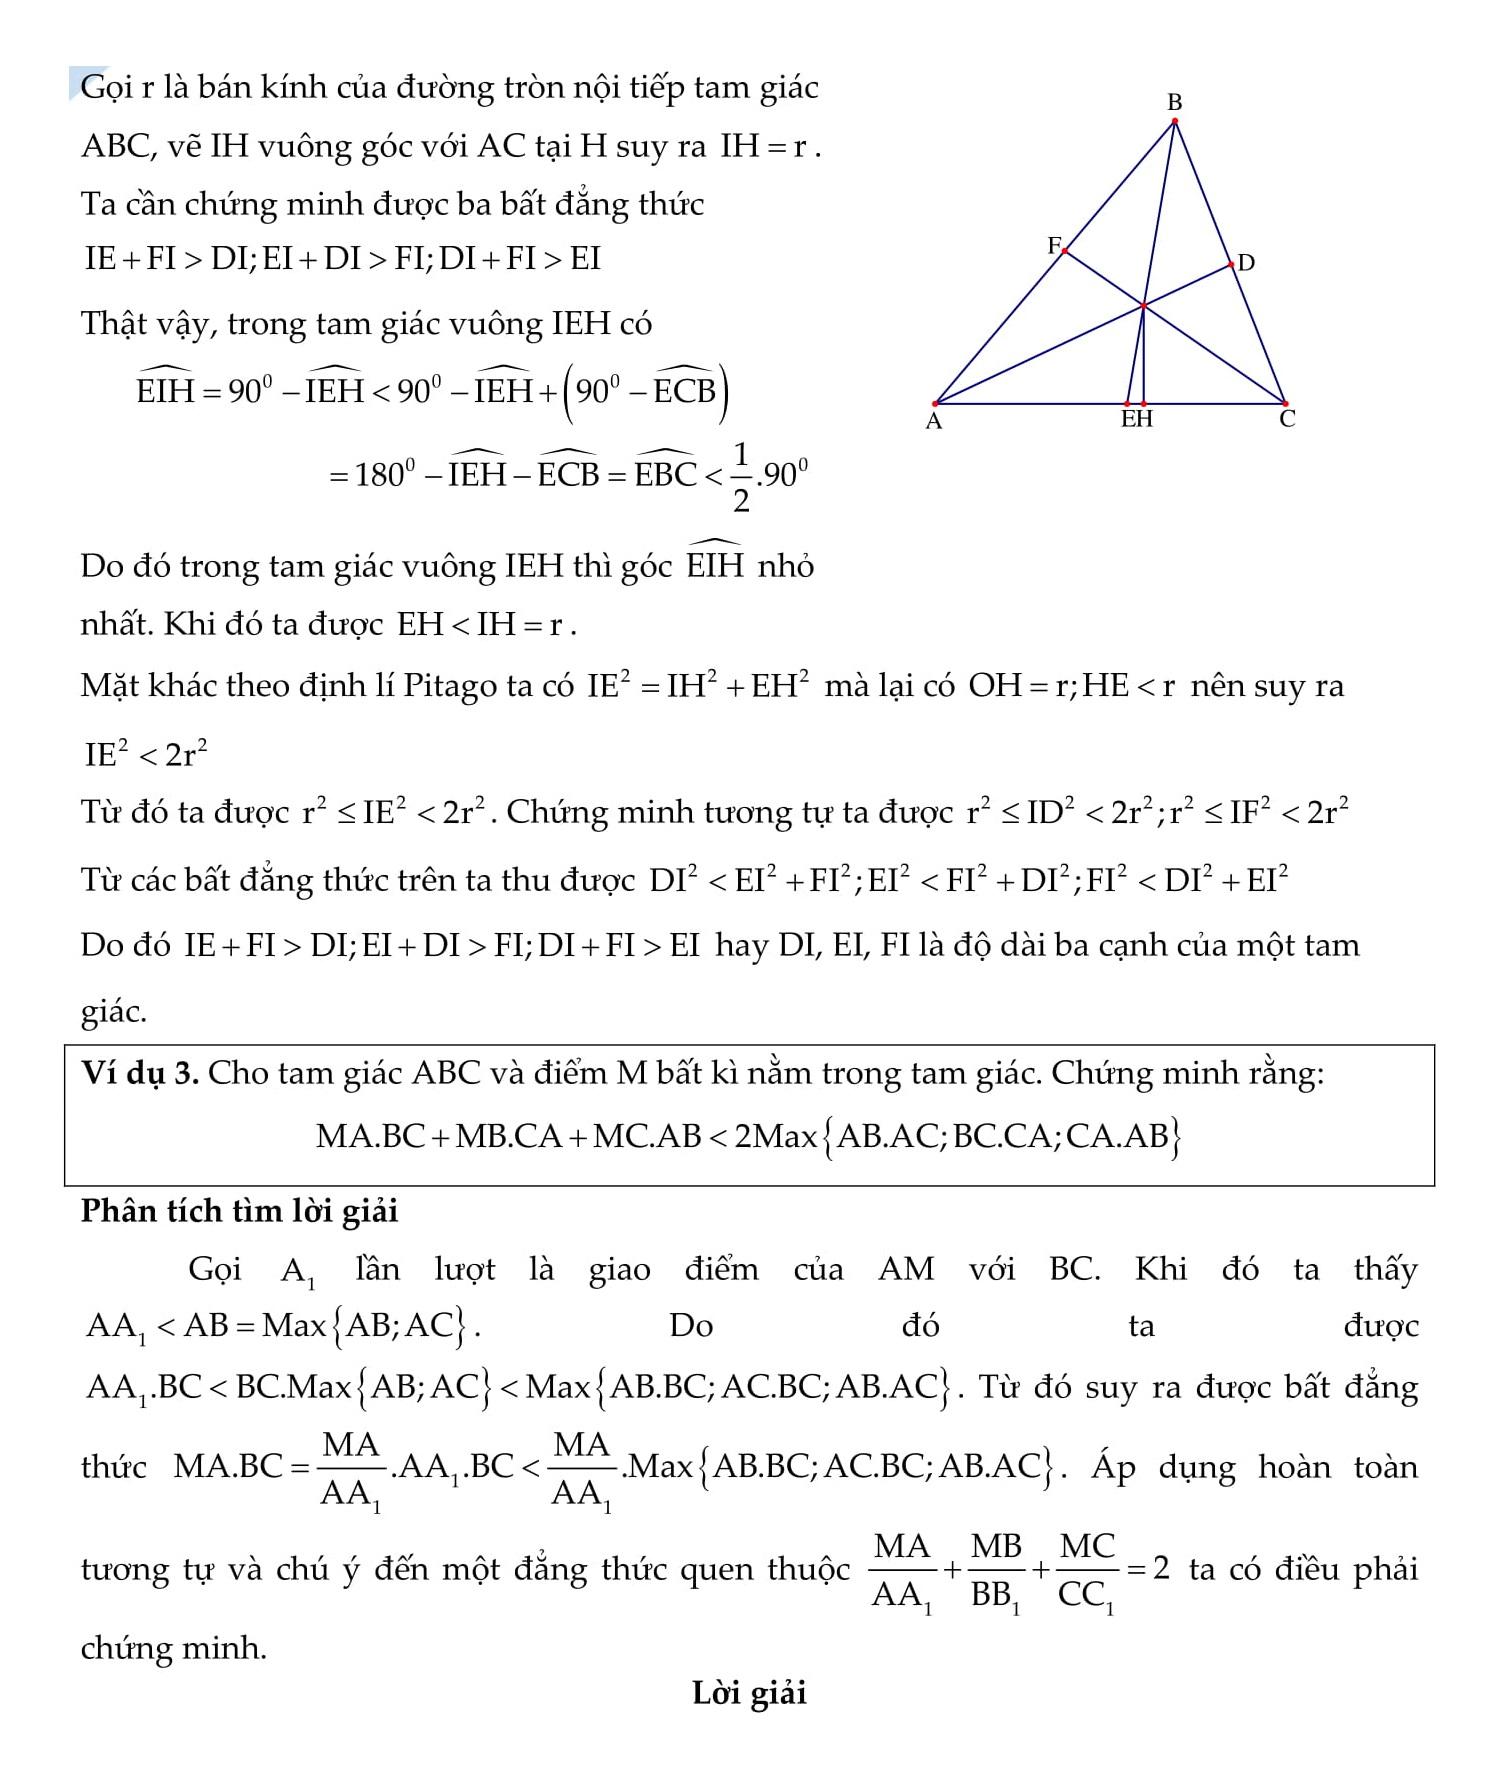 Bất đẳng thức trong cực trị hình học - Toán 9